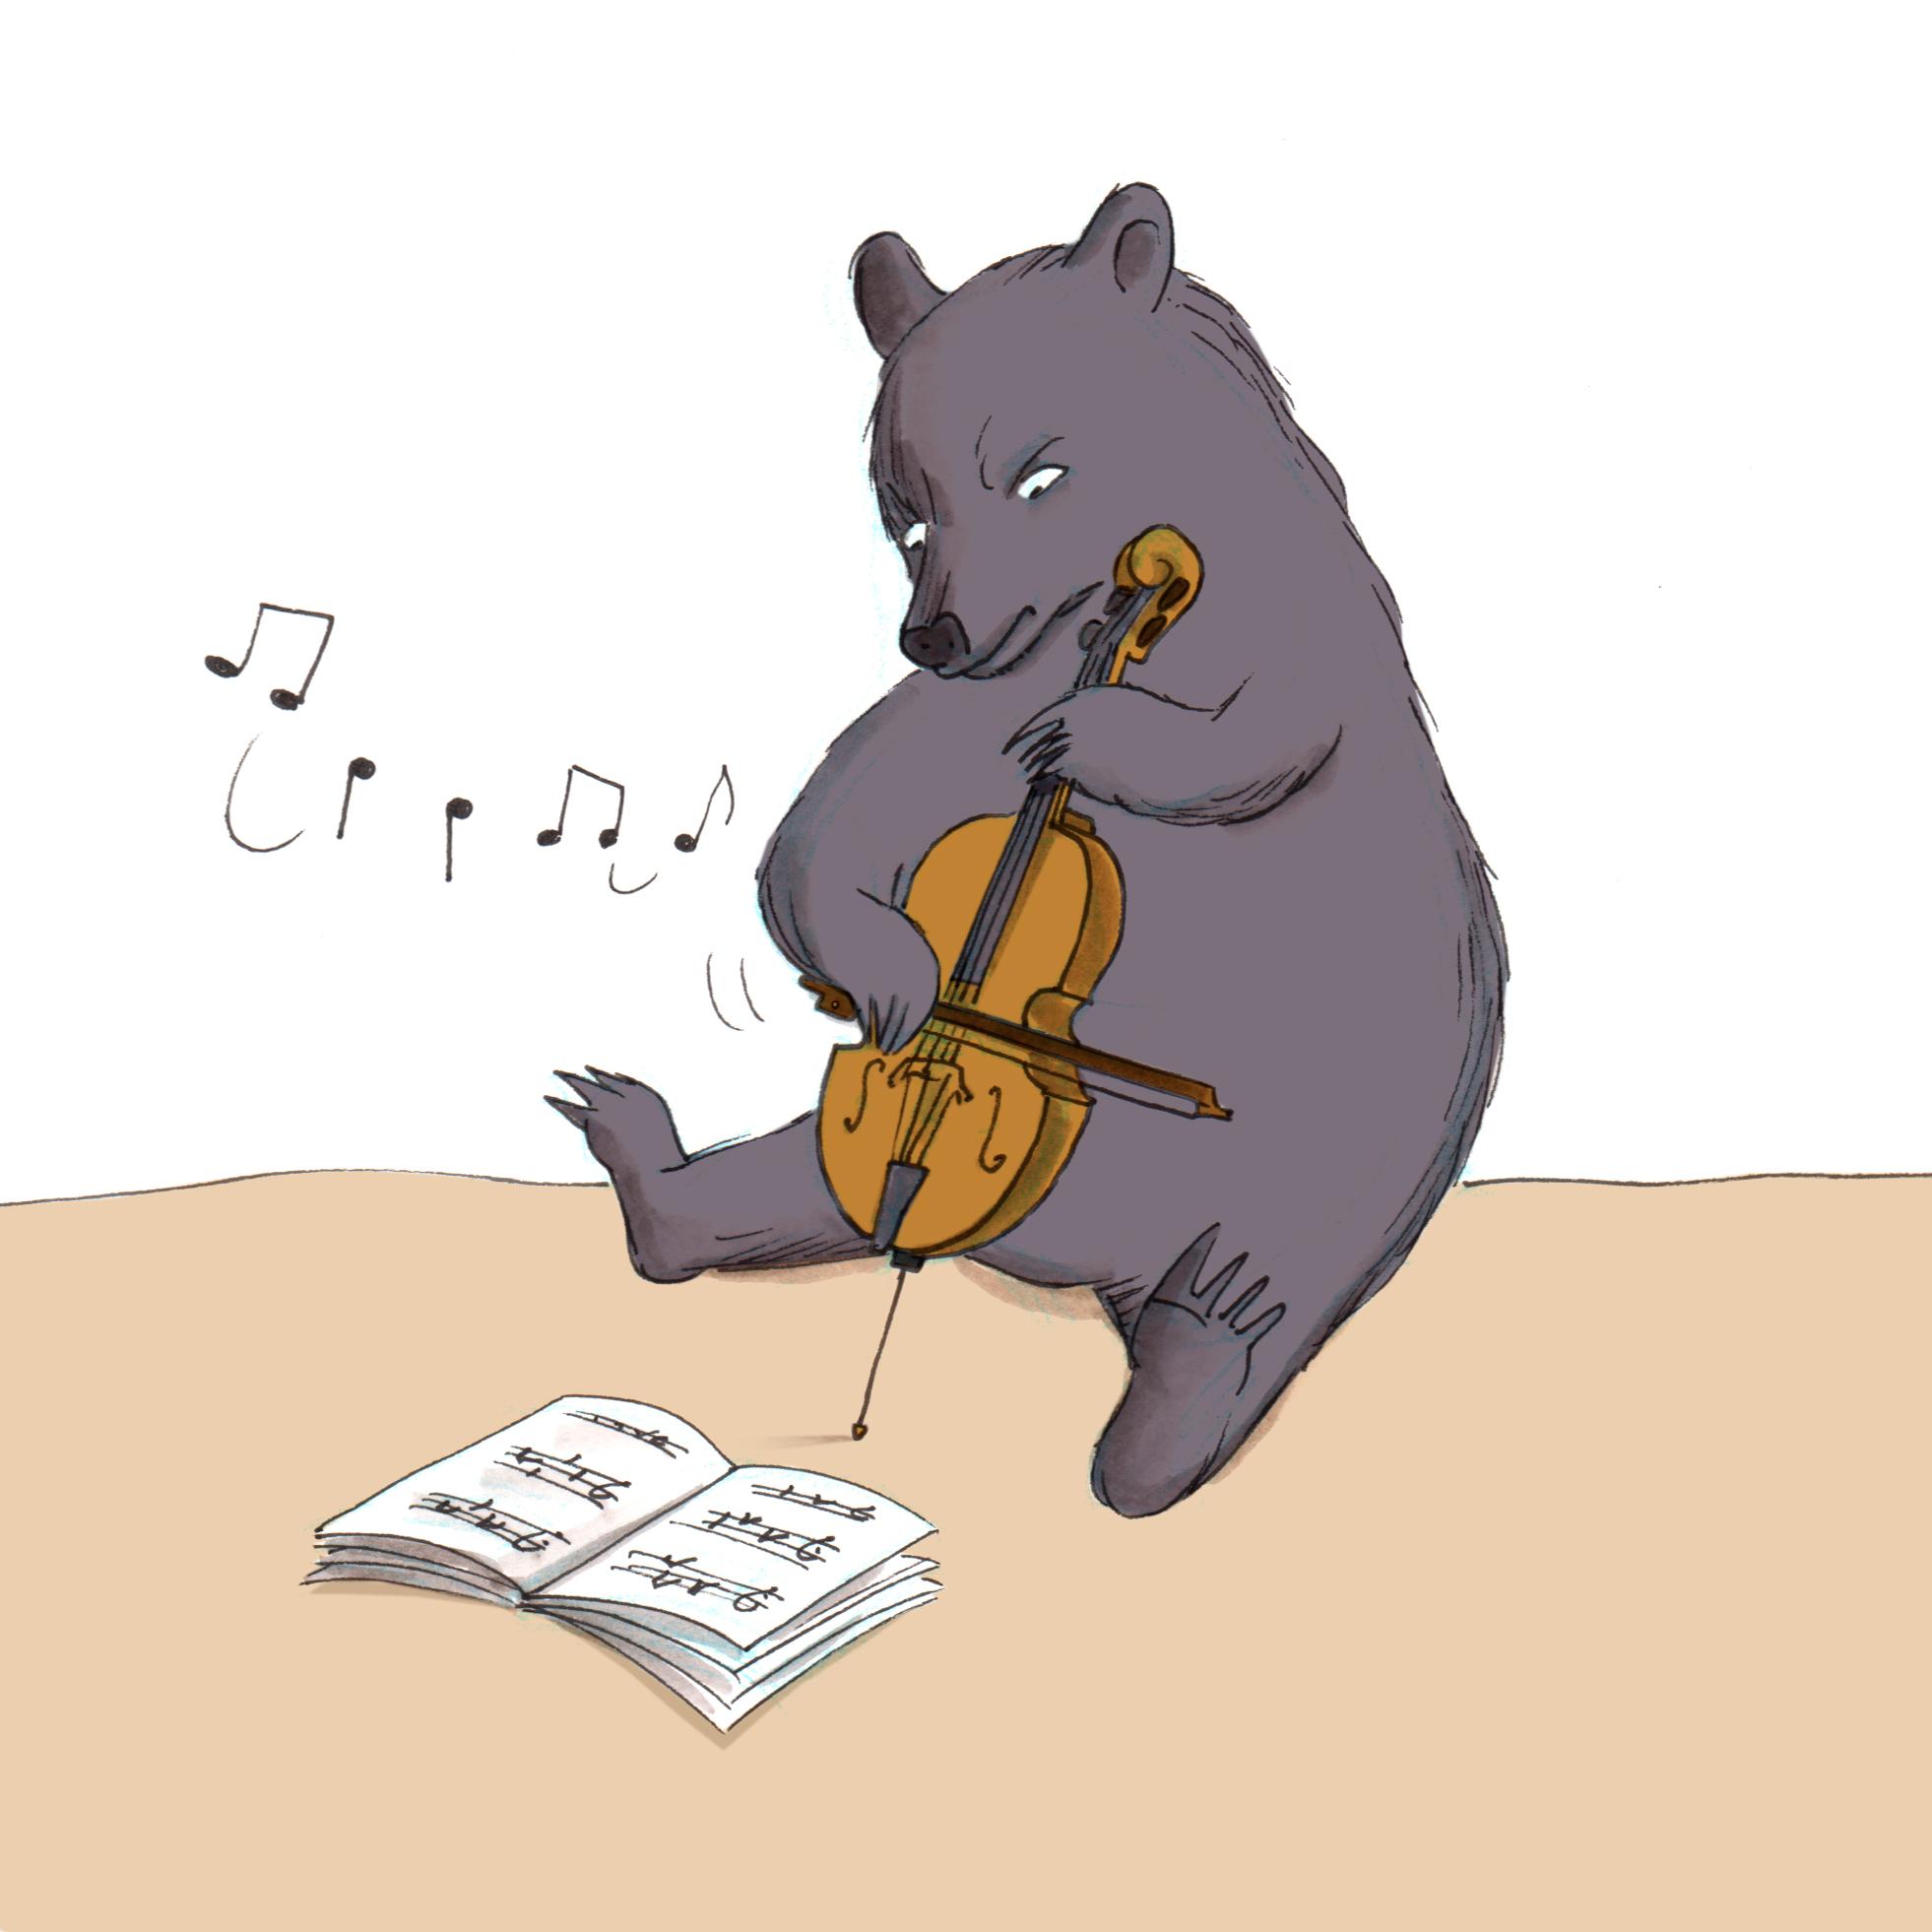 bear_cello.jpg